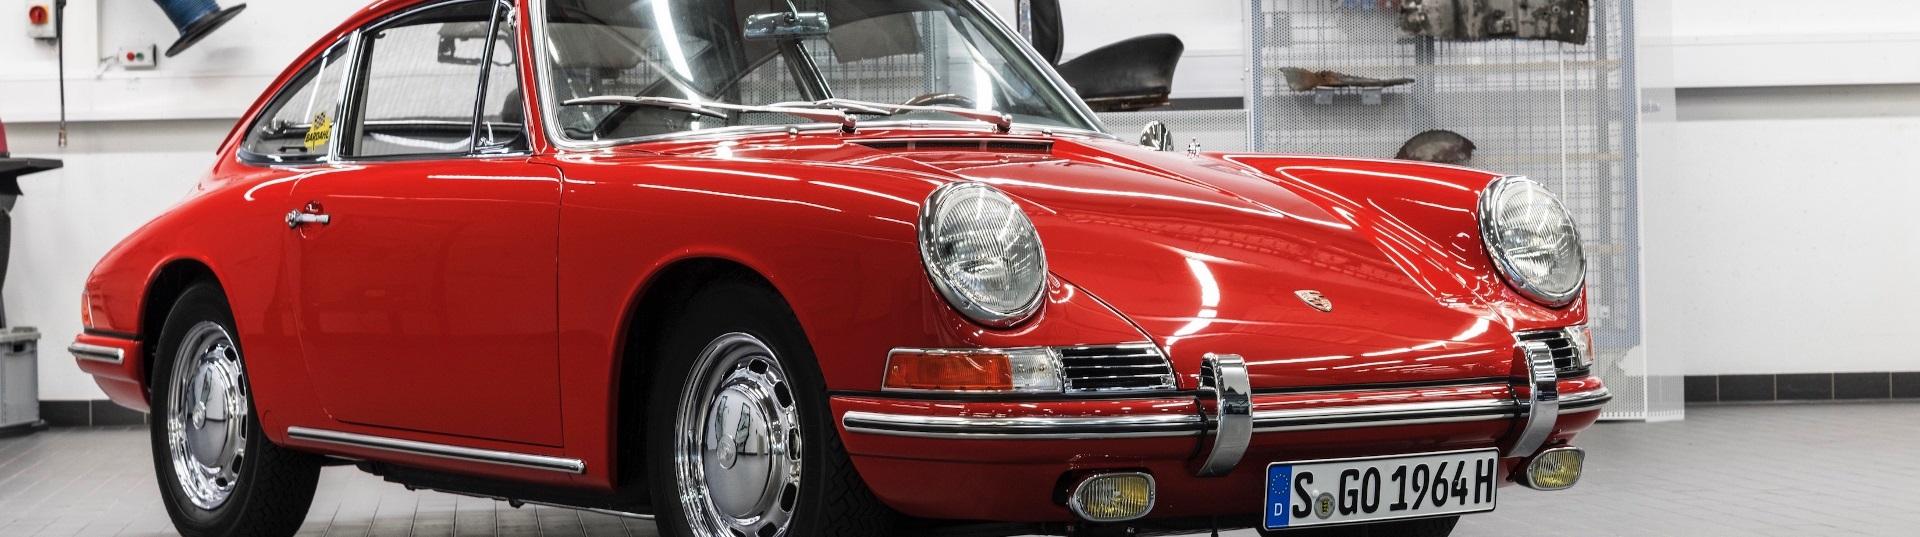 Porsche 911_1920